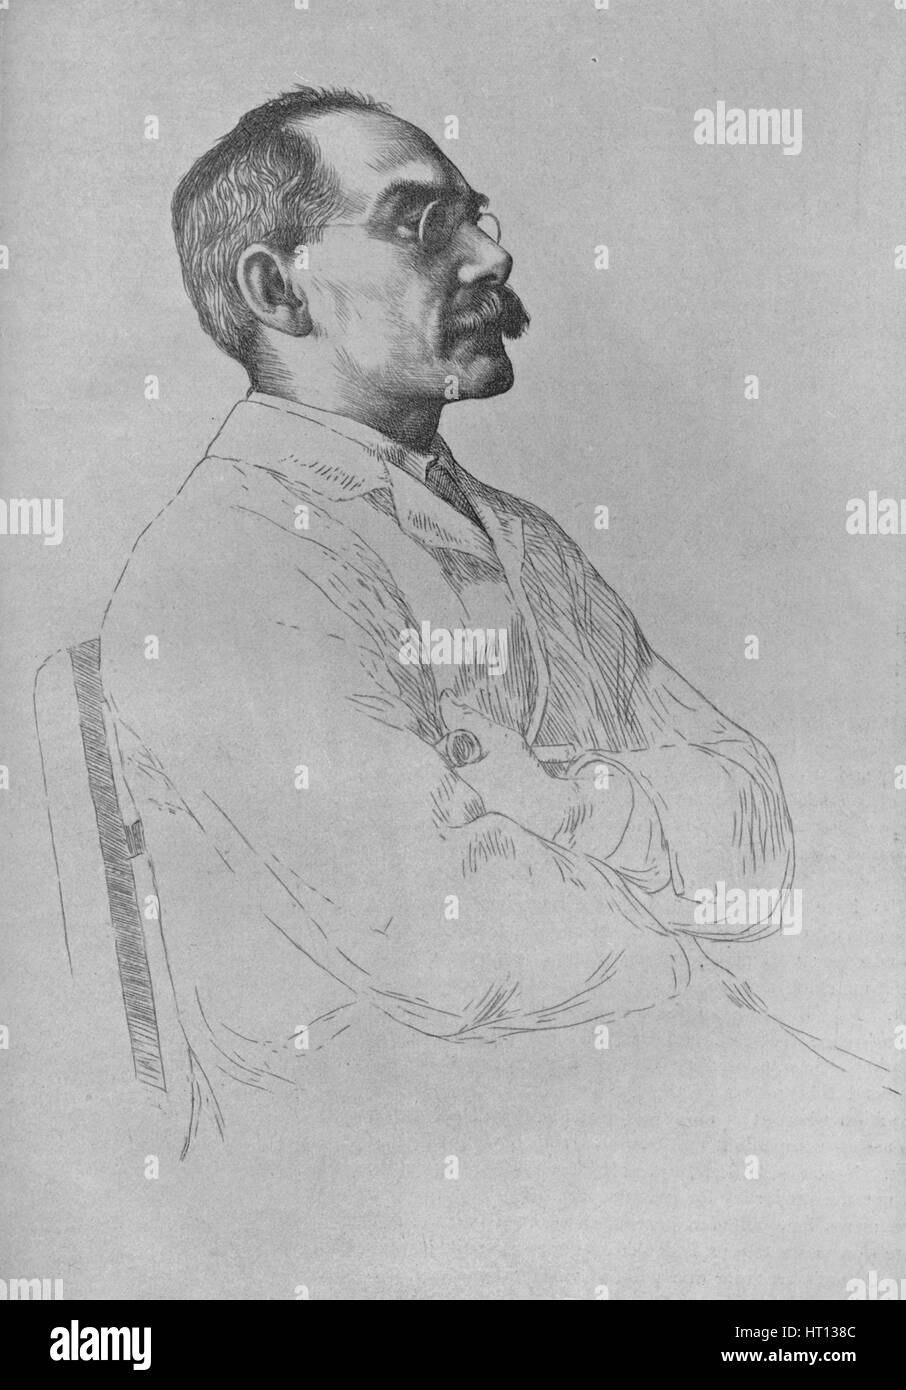 Gunnar emanuel strang 1906 1992